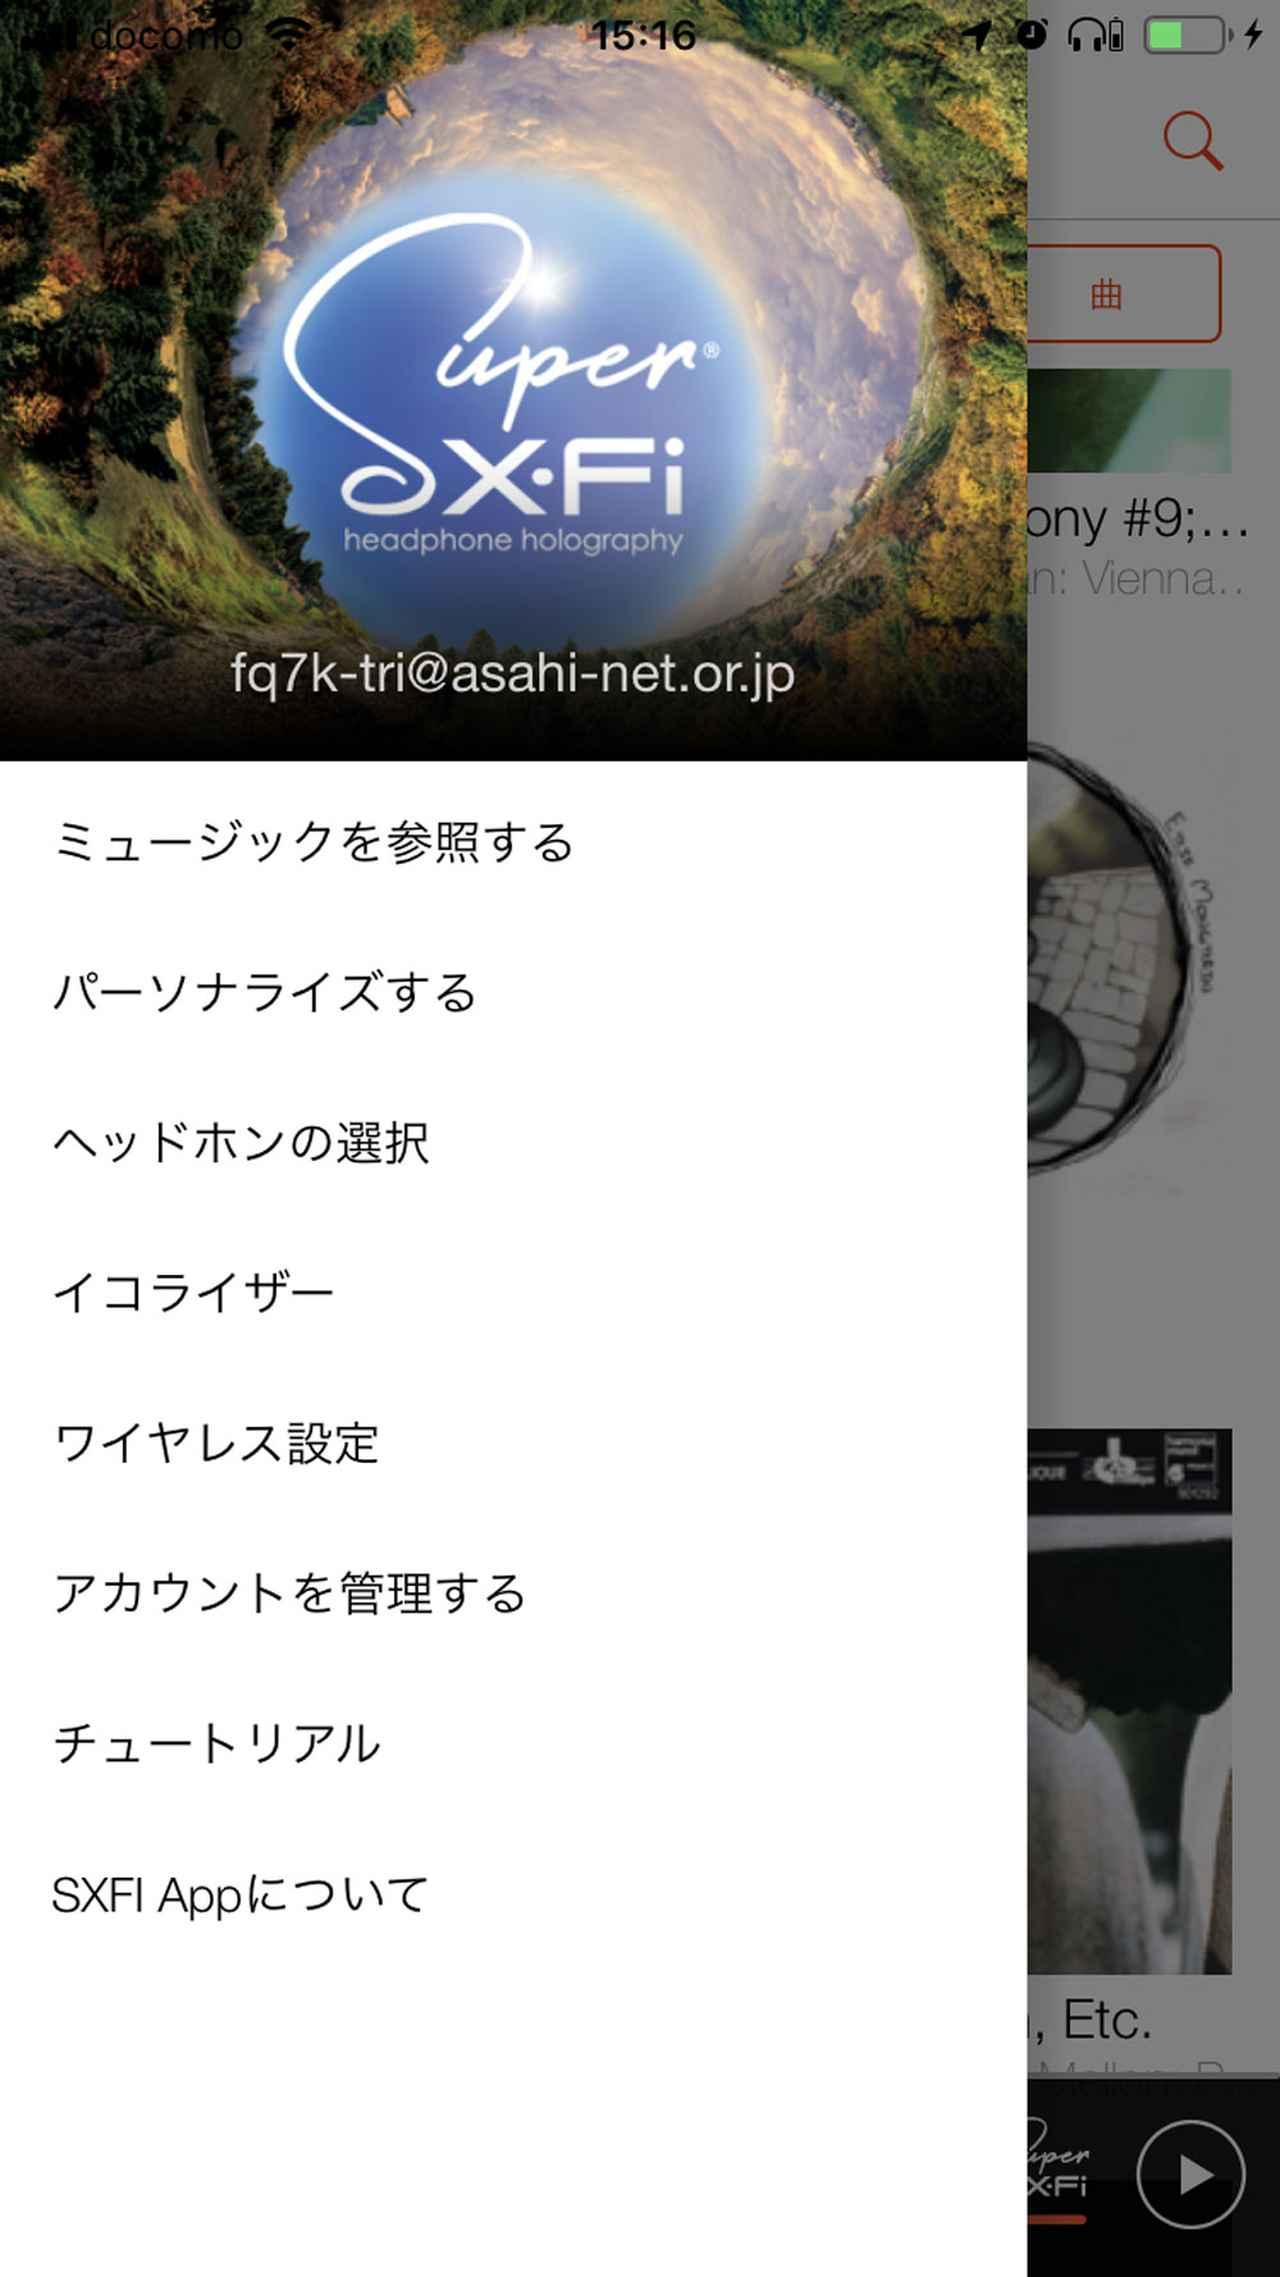 画像: 「SXFI App」のメニュー画面。一番上の「ミュージックを参照する」が音楽プレーヤー機能。「パーソナライズする」でユーザーのプロファイル作成が行なえる